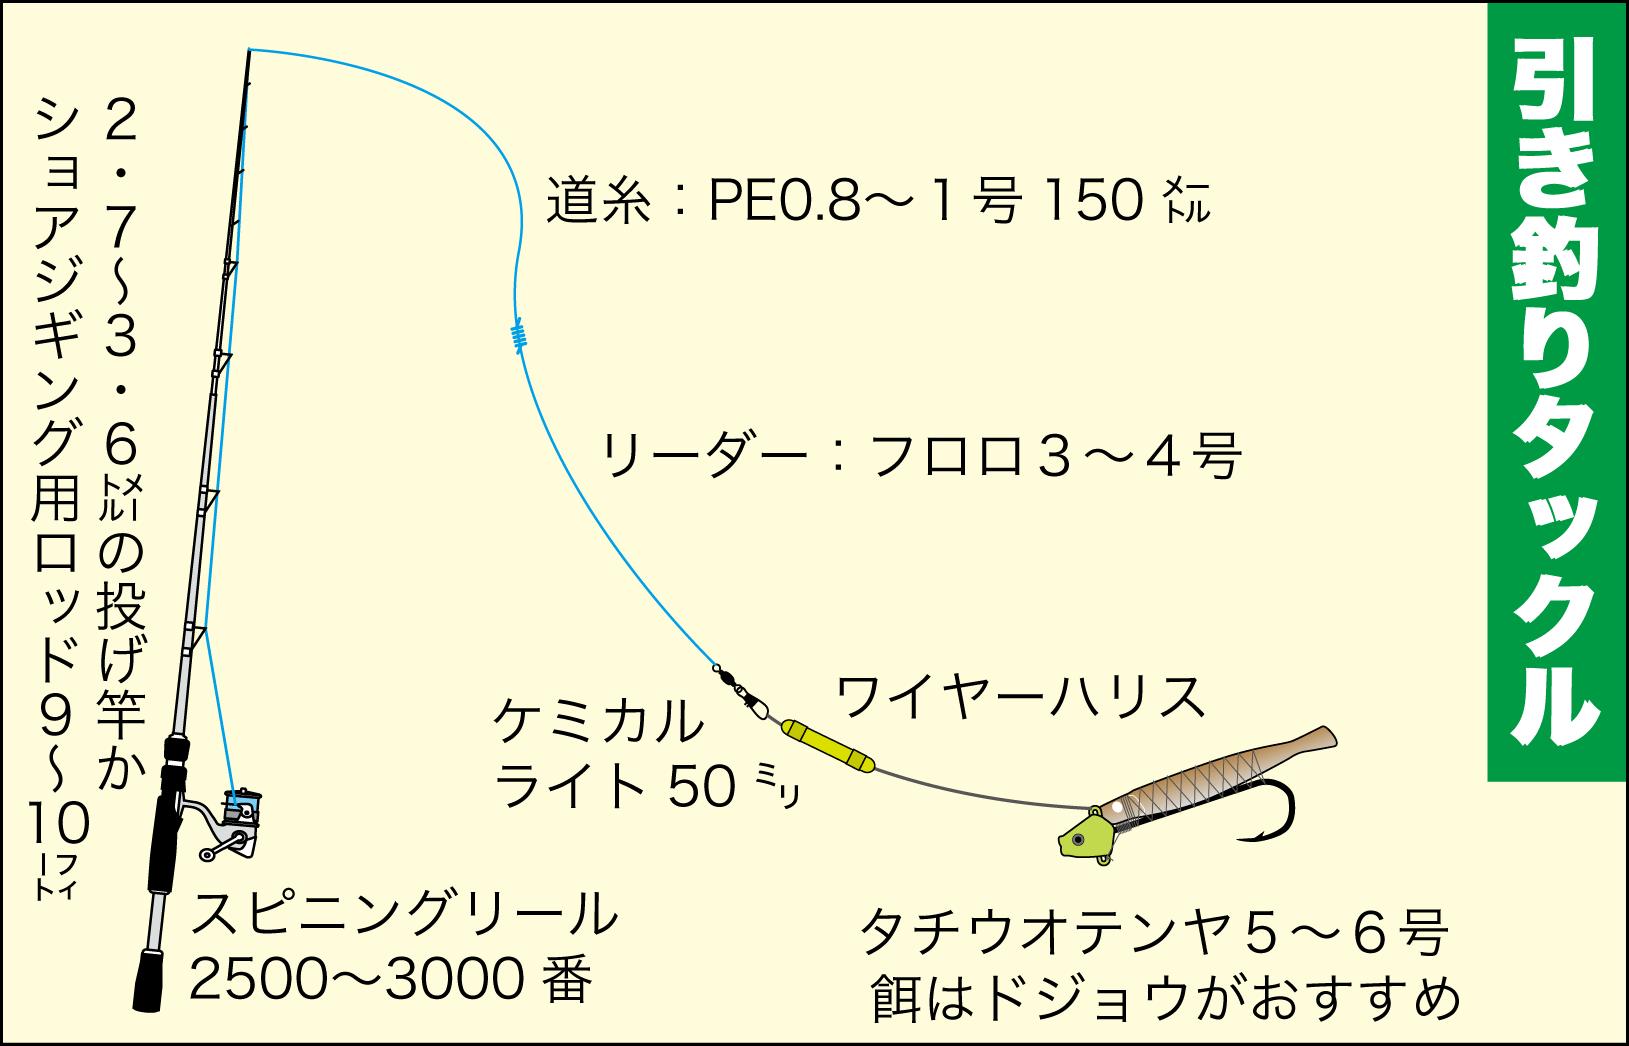 タチウオ引き釣りテクニック4